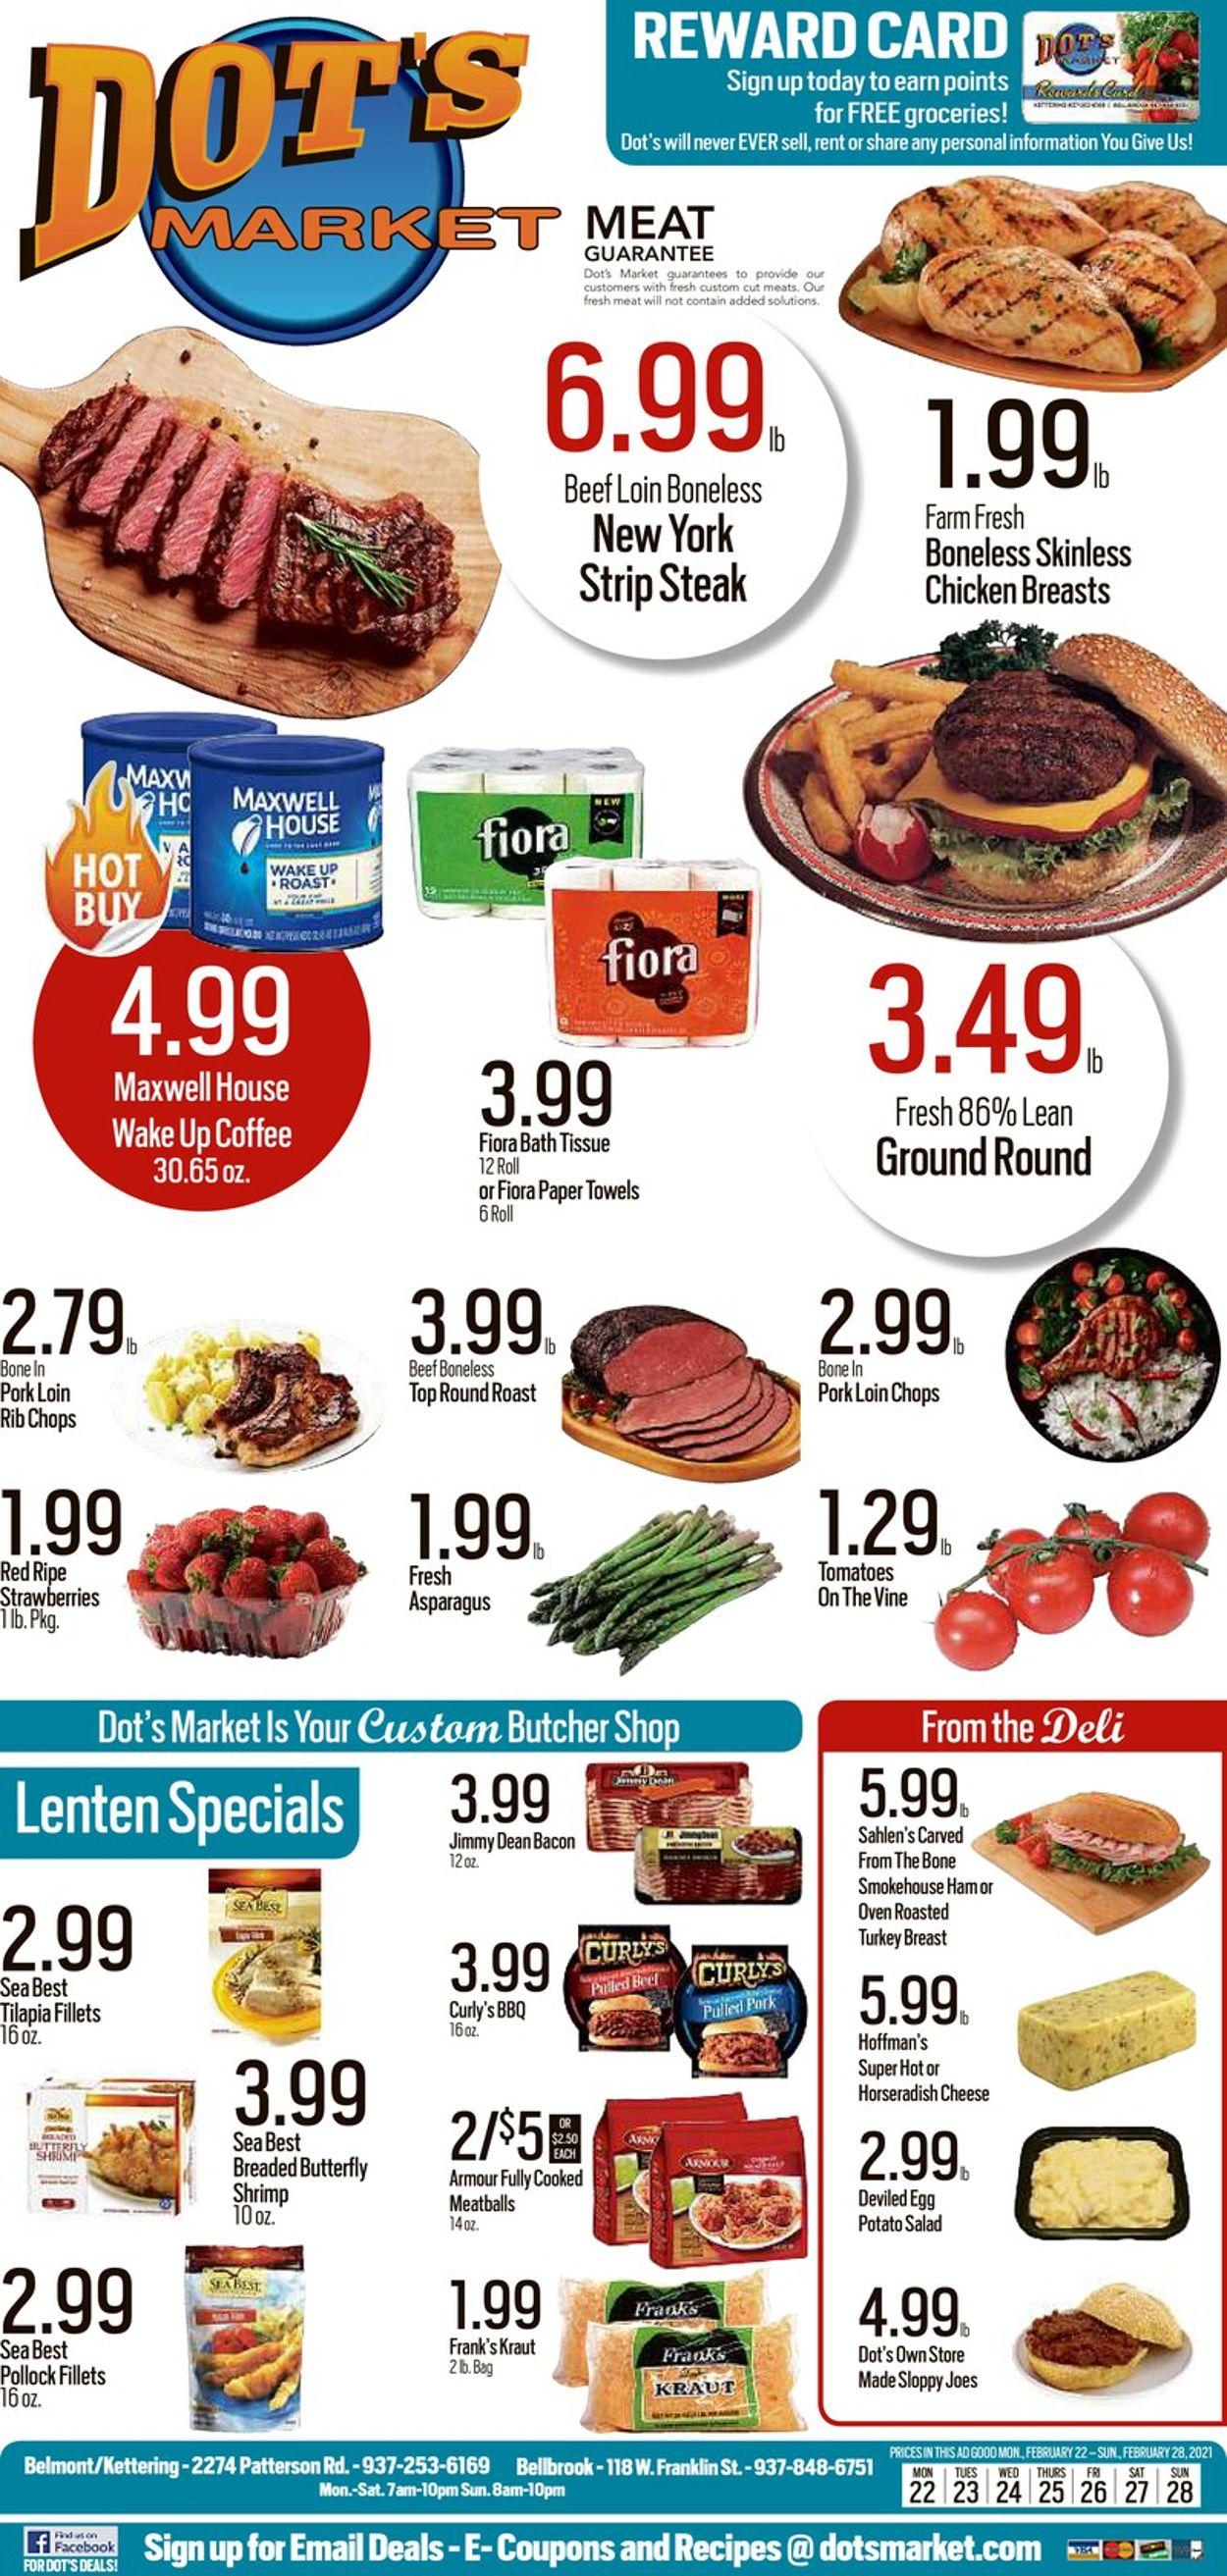 Dot's Market Weekly Ad Circular - valid 02/22-02/28/2021